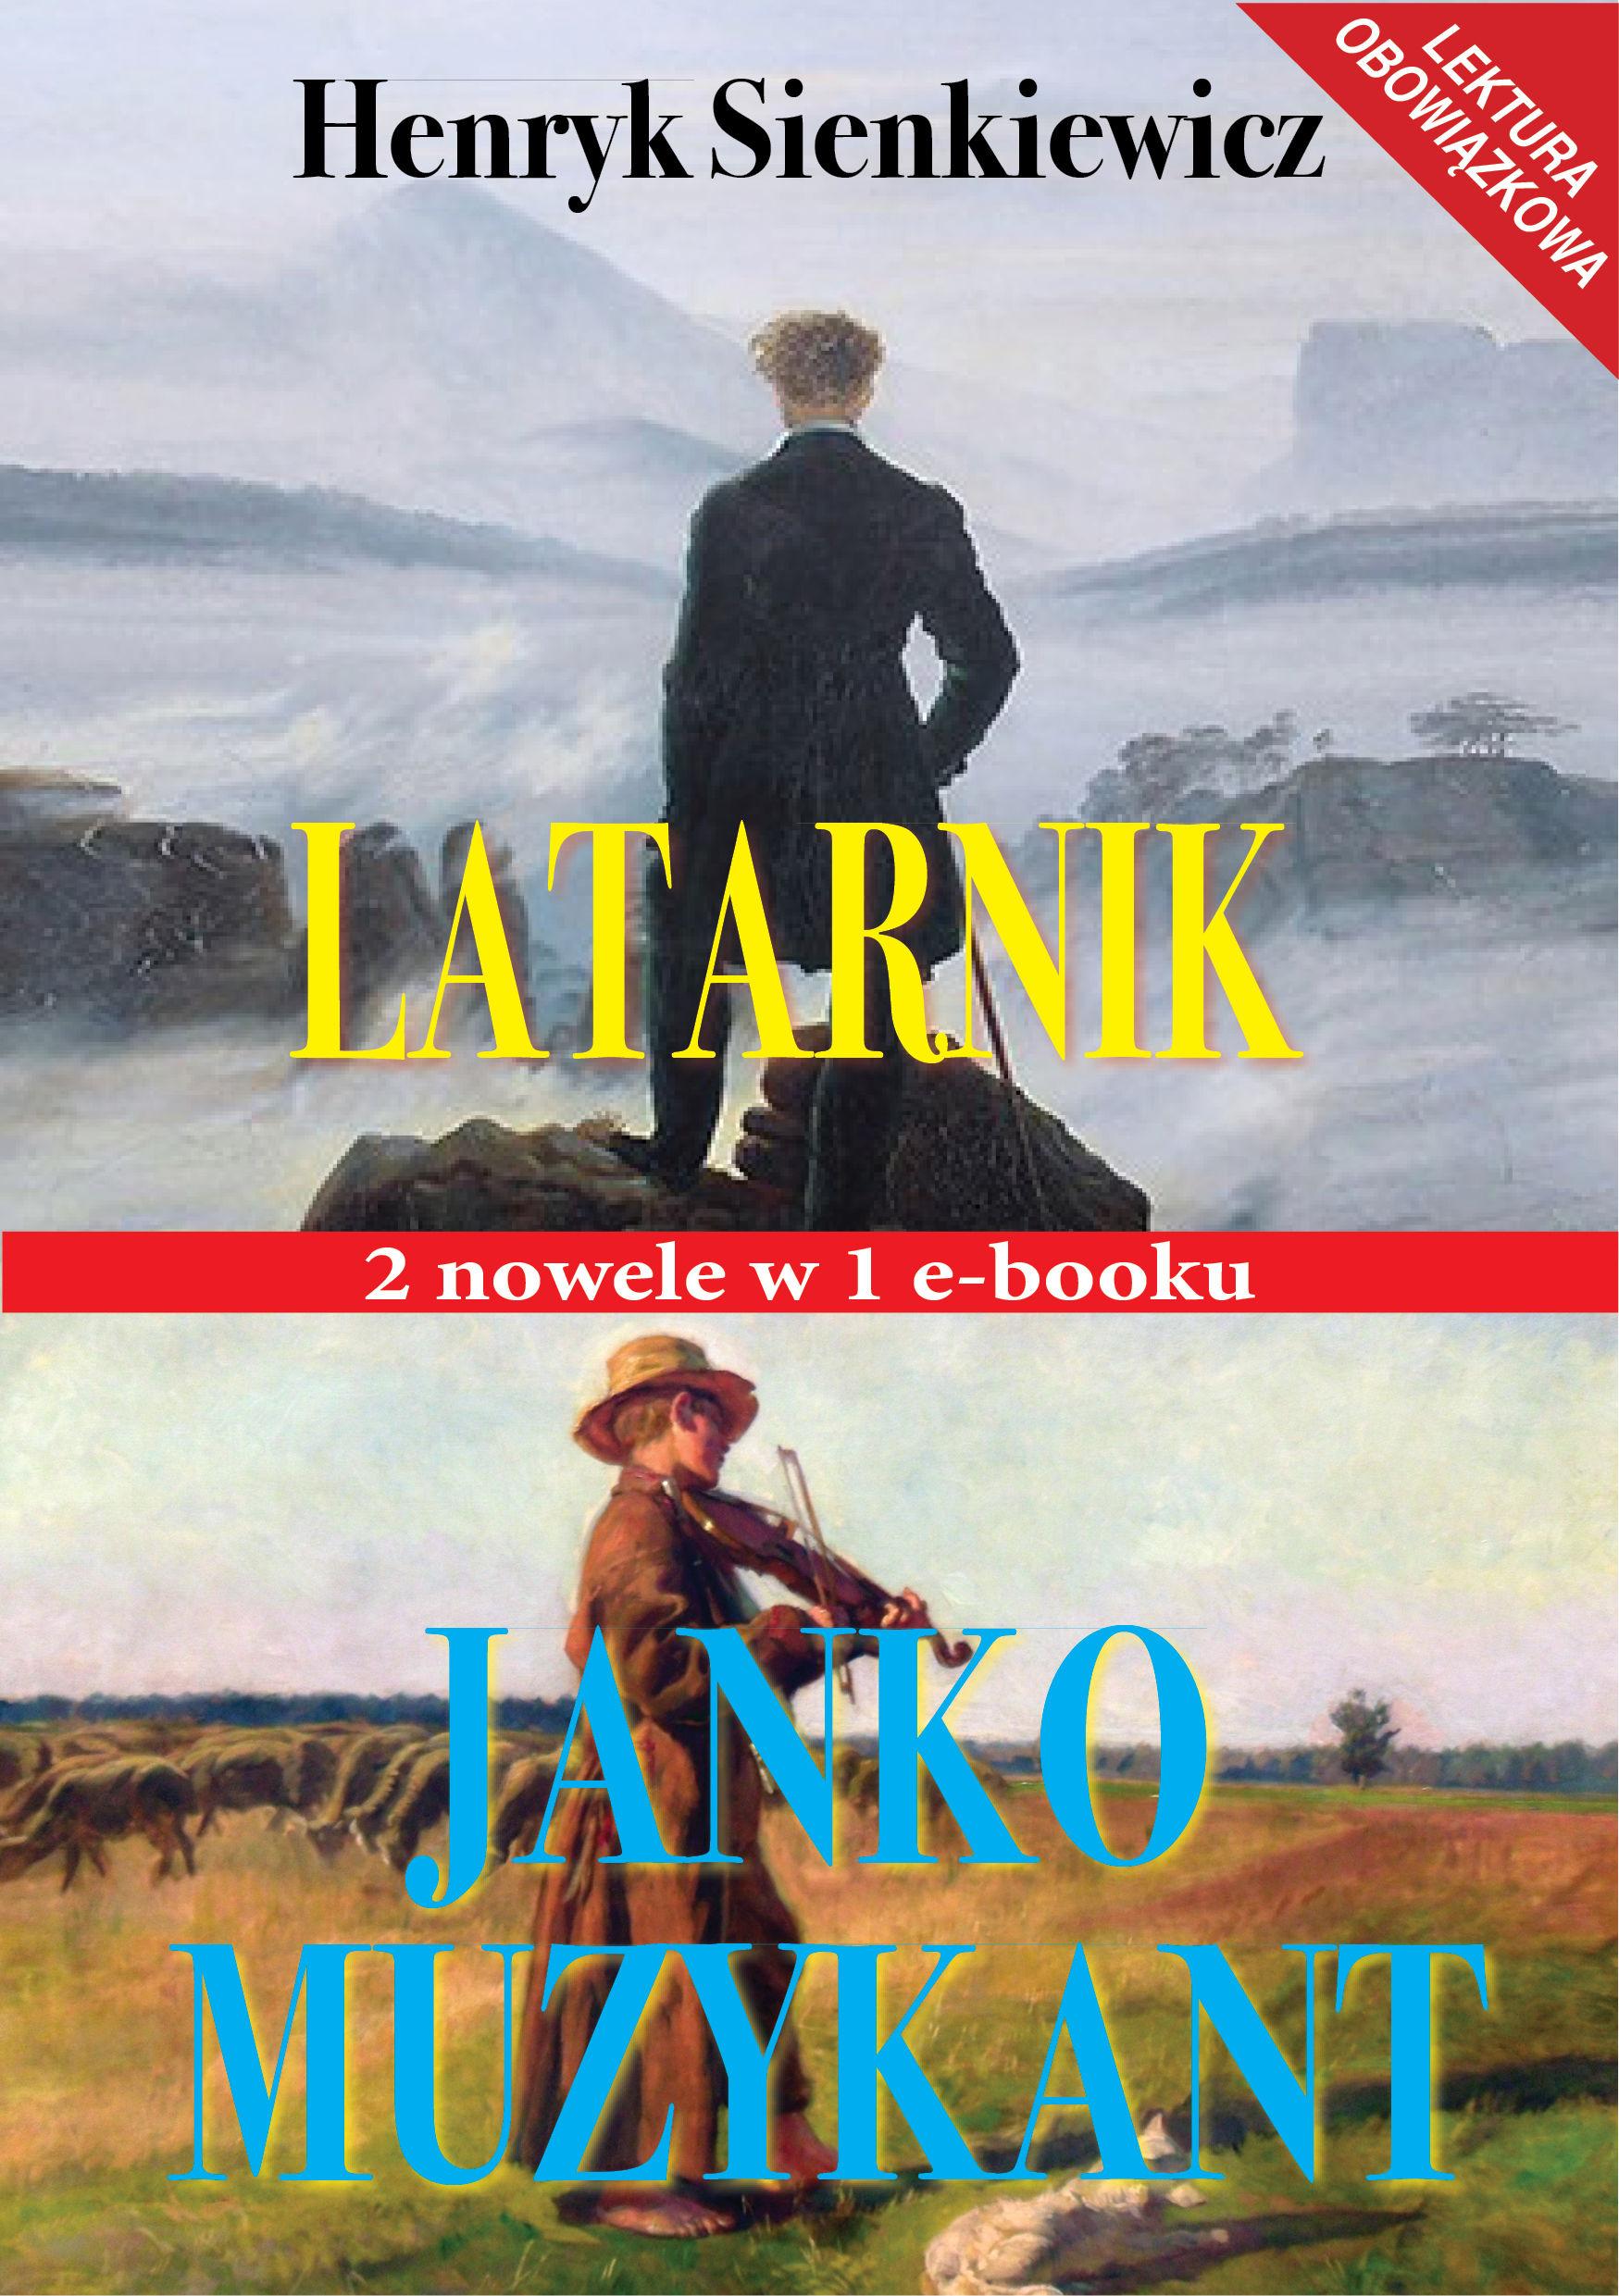 Latarnik i Janko Muzykant - Henryk Sienkiewicz - ebook